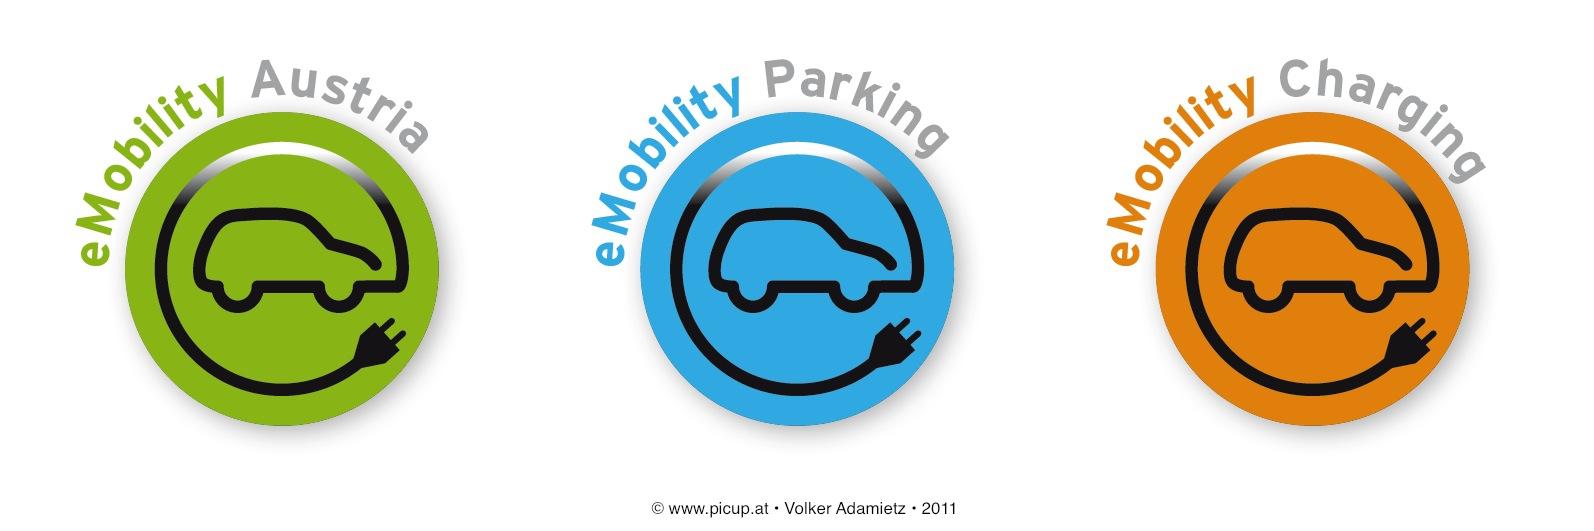 Elektromobilität in Österreich sucht ein Logo. Der Wettbewerb befindet sich in der Entscheidungsphase.